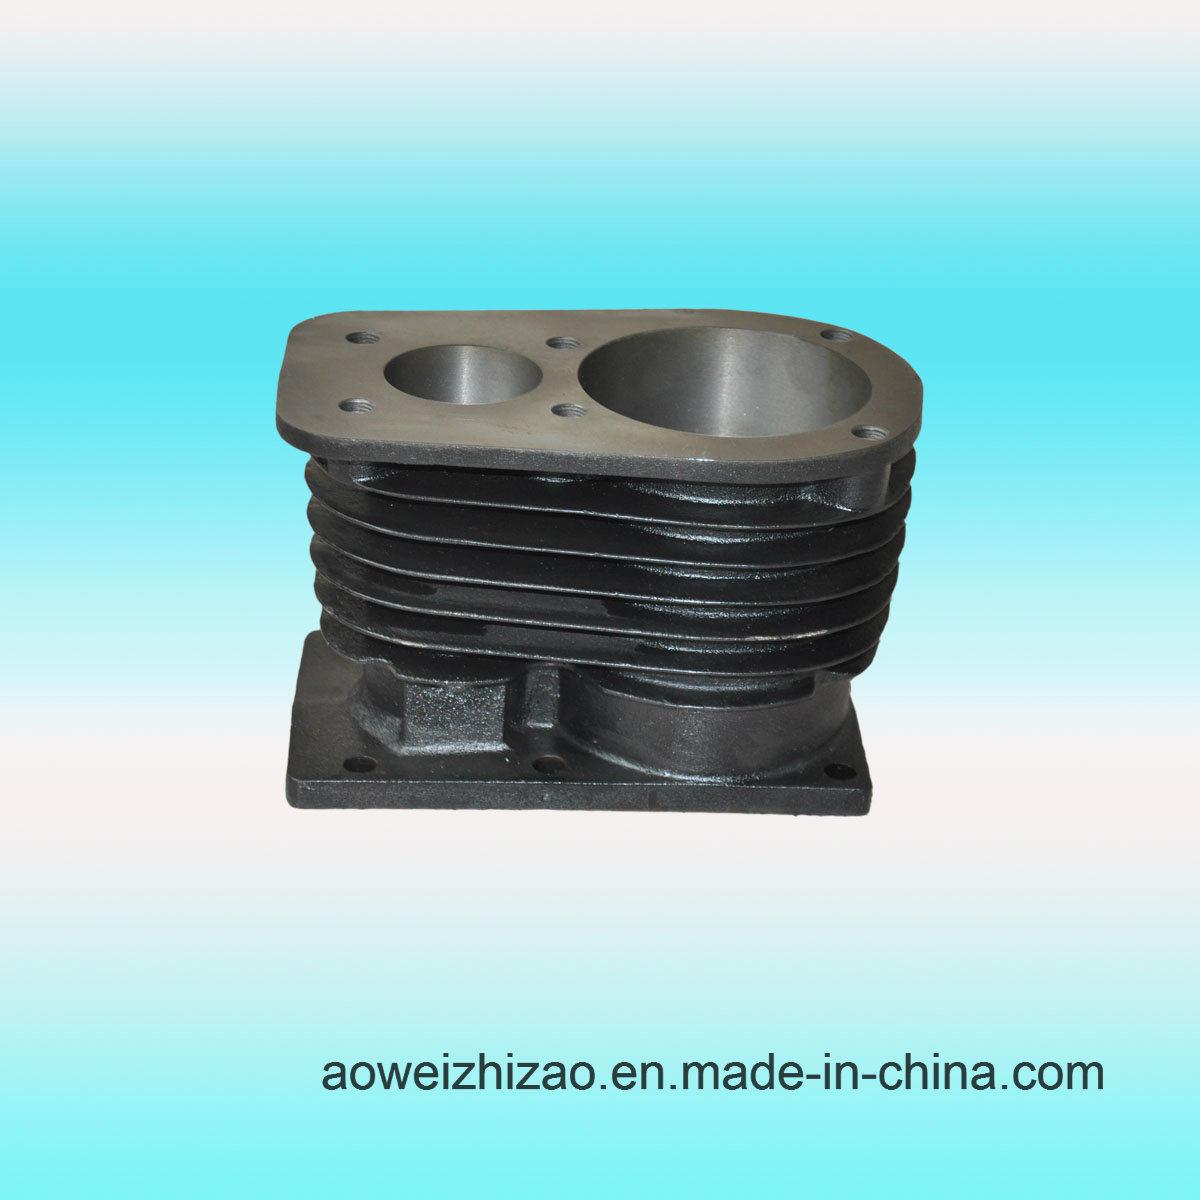 Cylinder Linder, Cylinder Sleeve, EPC, Gray Iron, Ductile Iron, ISO 9001: 2008, Awgt-010